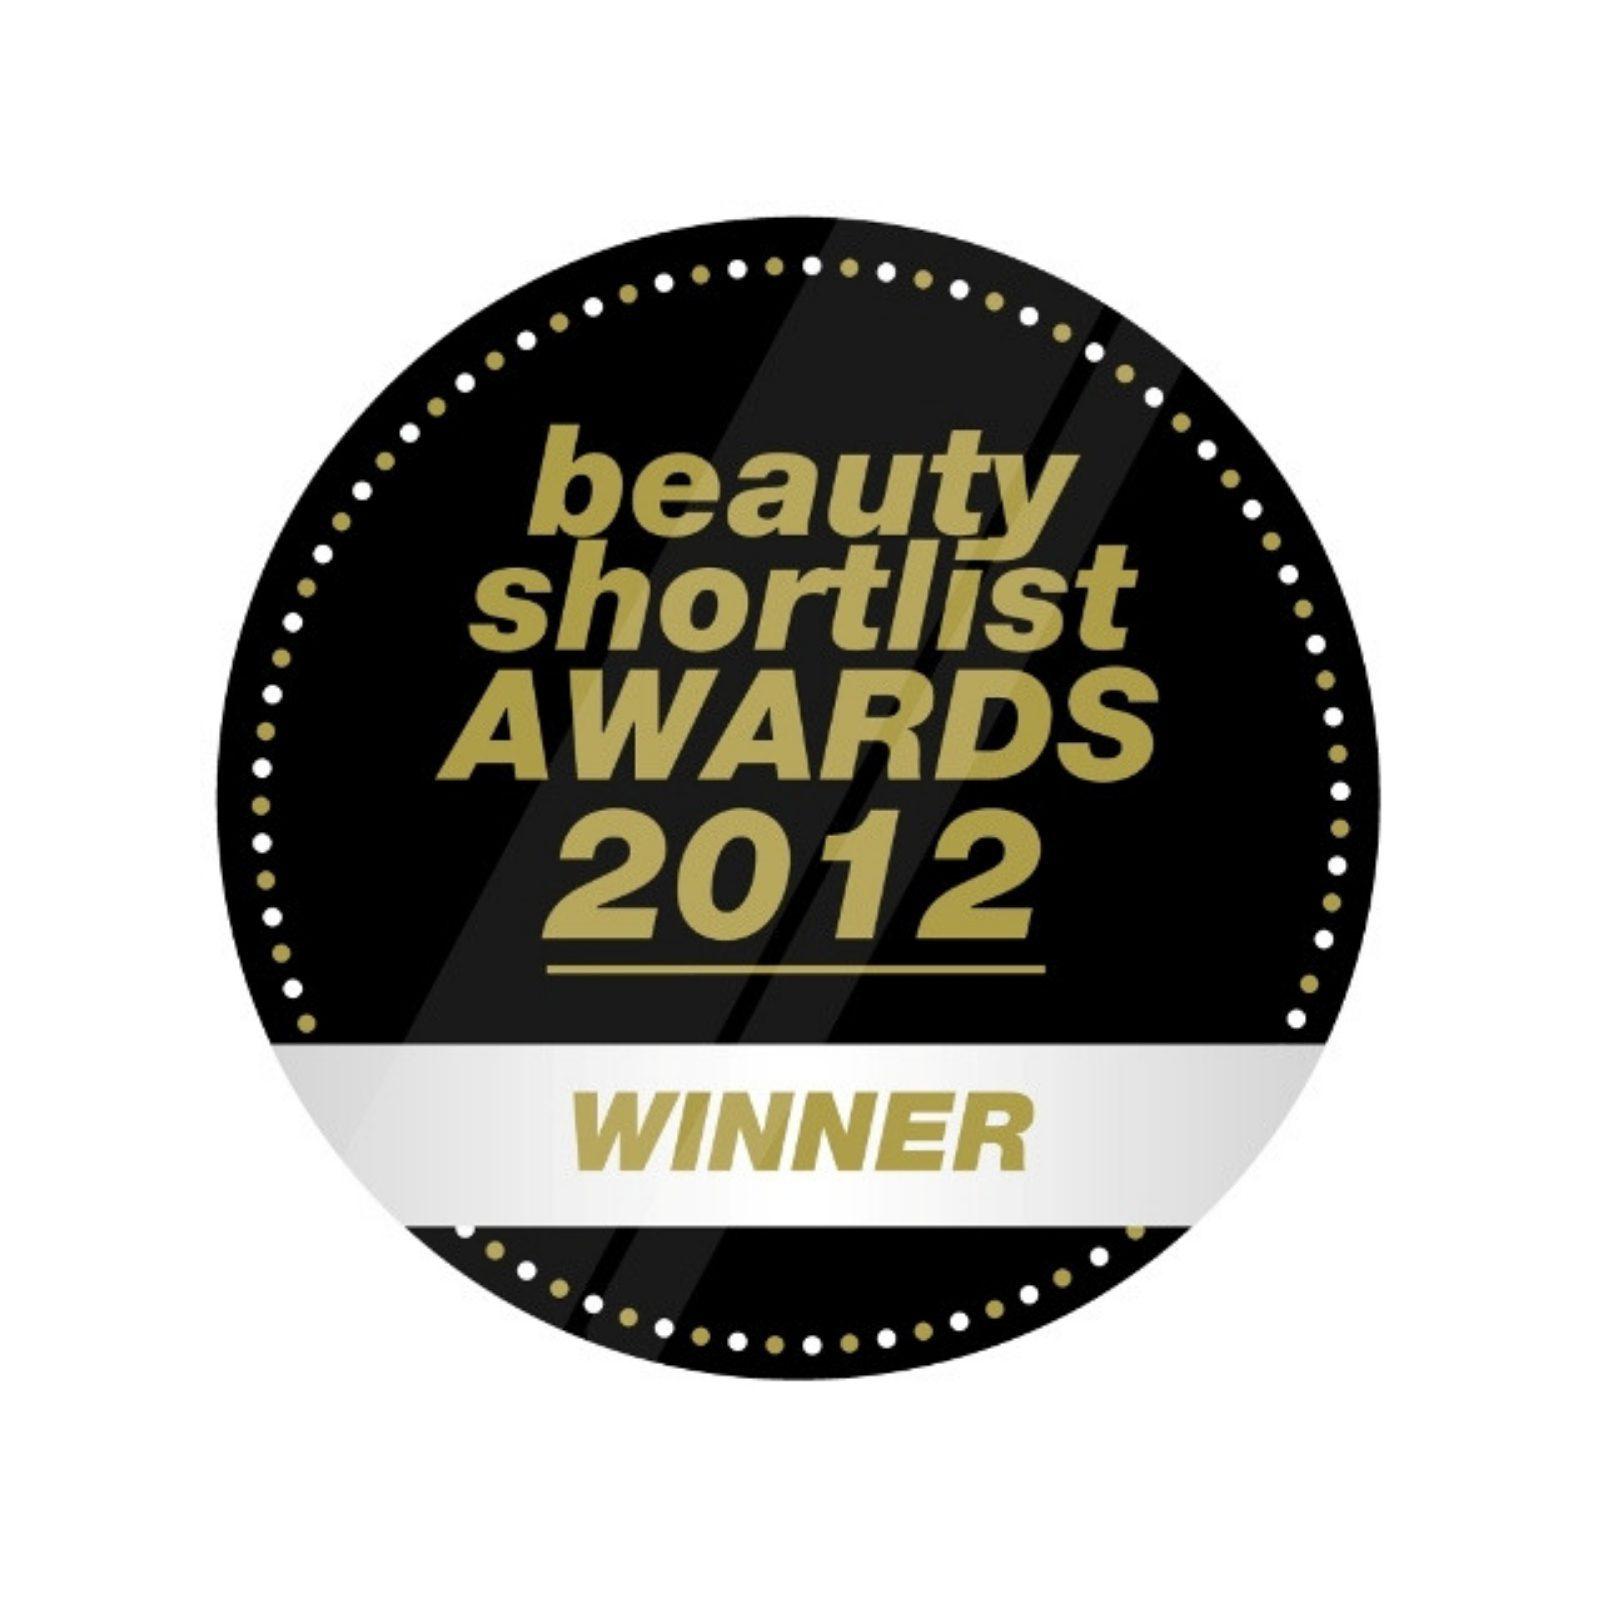 beauty shortlist award winner logo